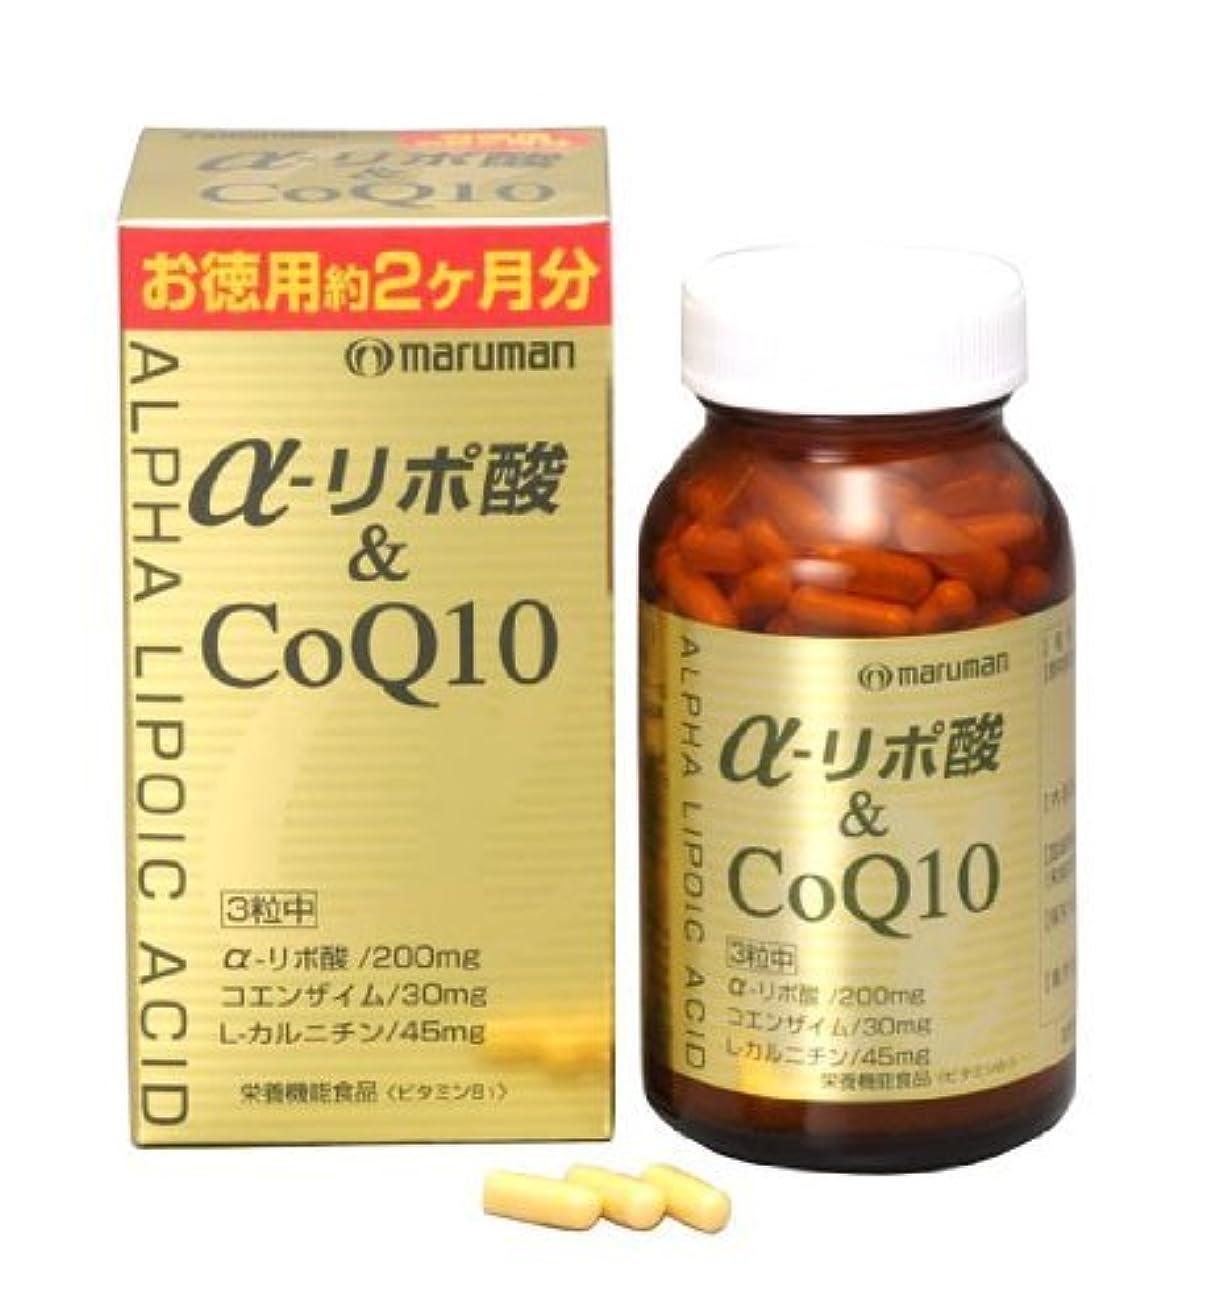 成長する壊れた汚すαリポ酸&COQ10 徳用2ヶ月分 話題の成分配合